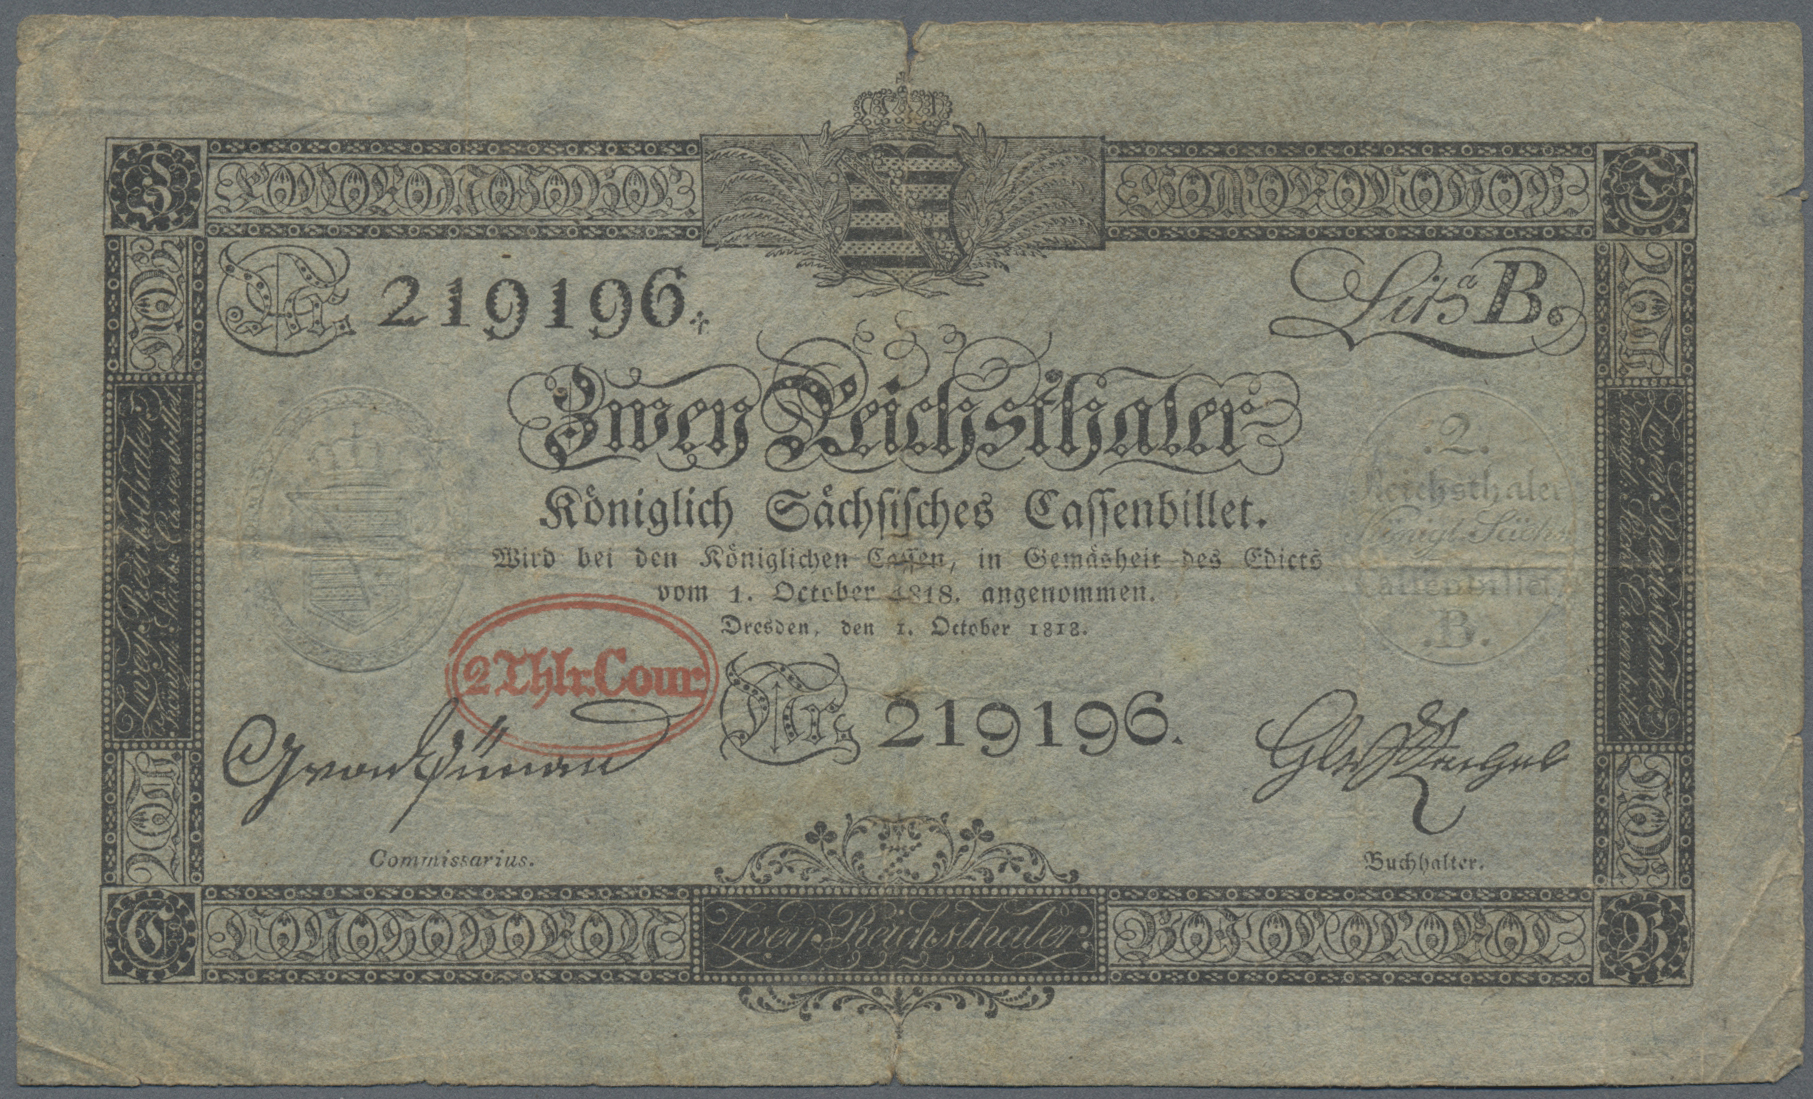 Lot 03307 - Deutschland - Altdeutsche Staaten | Banknoten  -  Auktionshaus Christoph Gärtner GmbH & Co. KG Sale #45 Banknotes Germany/Numismatics